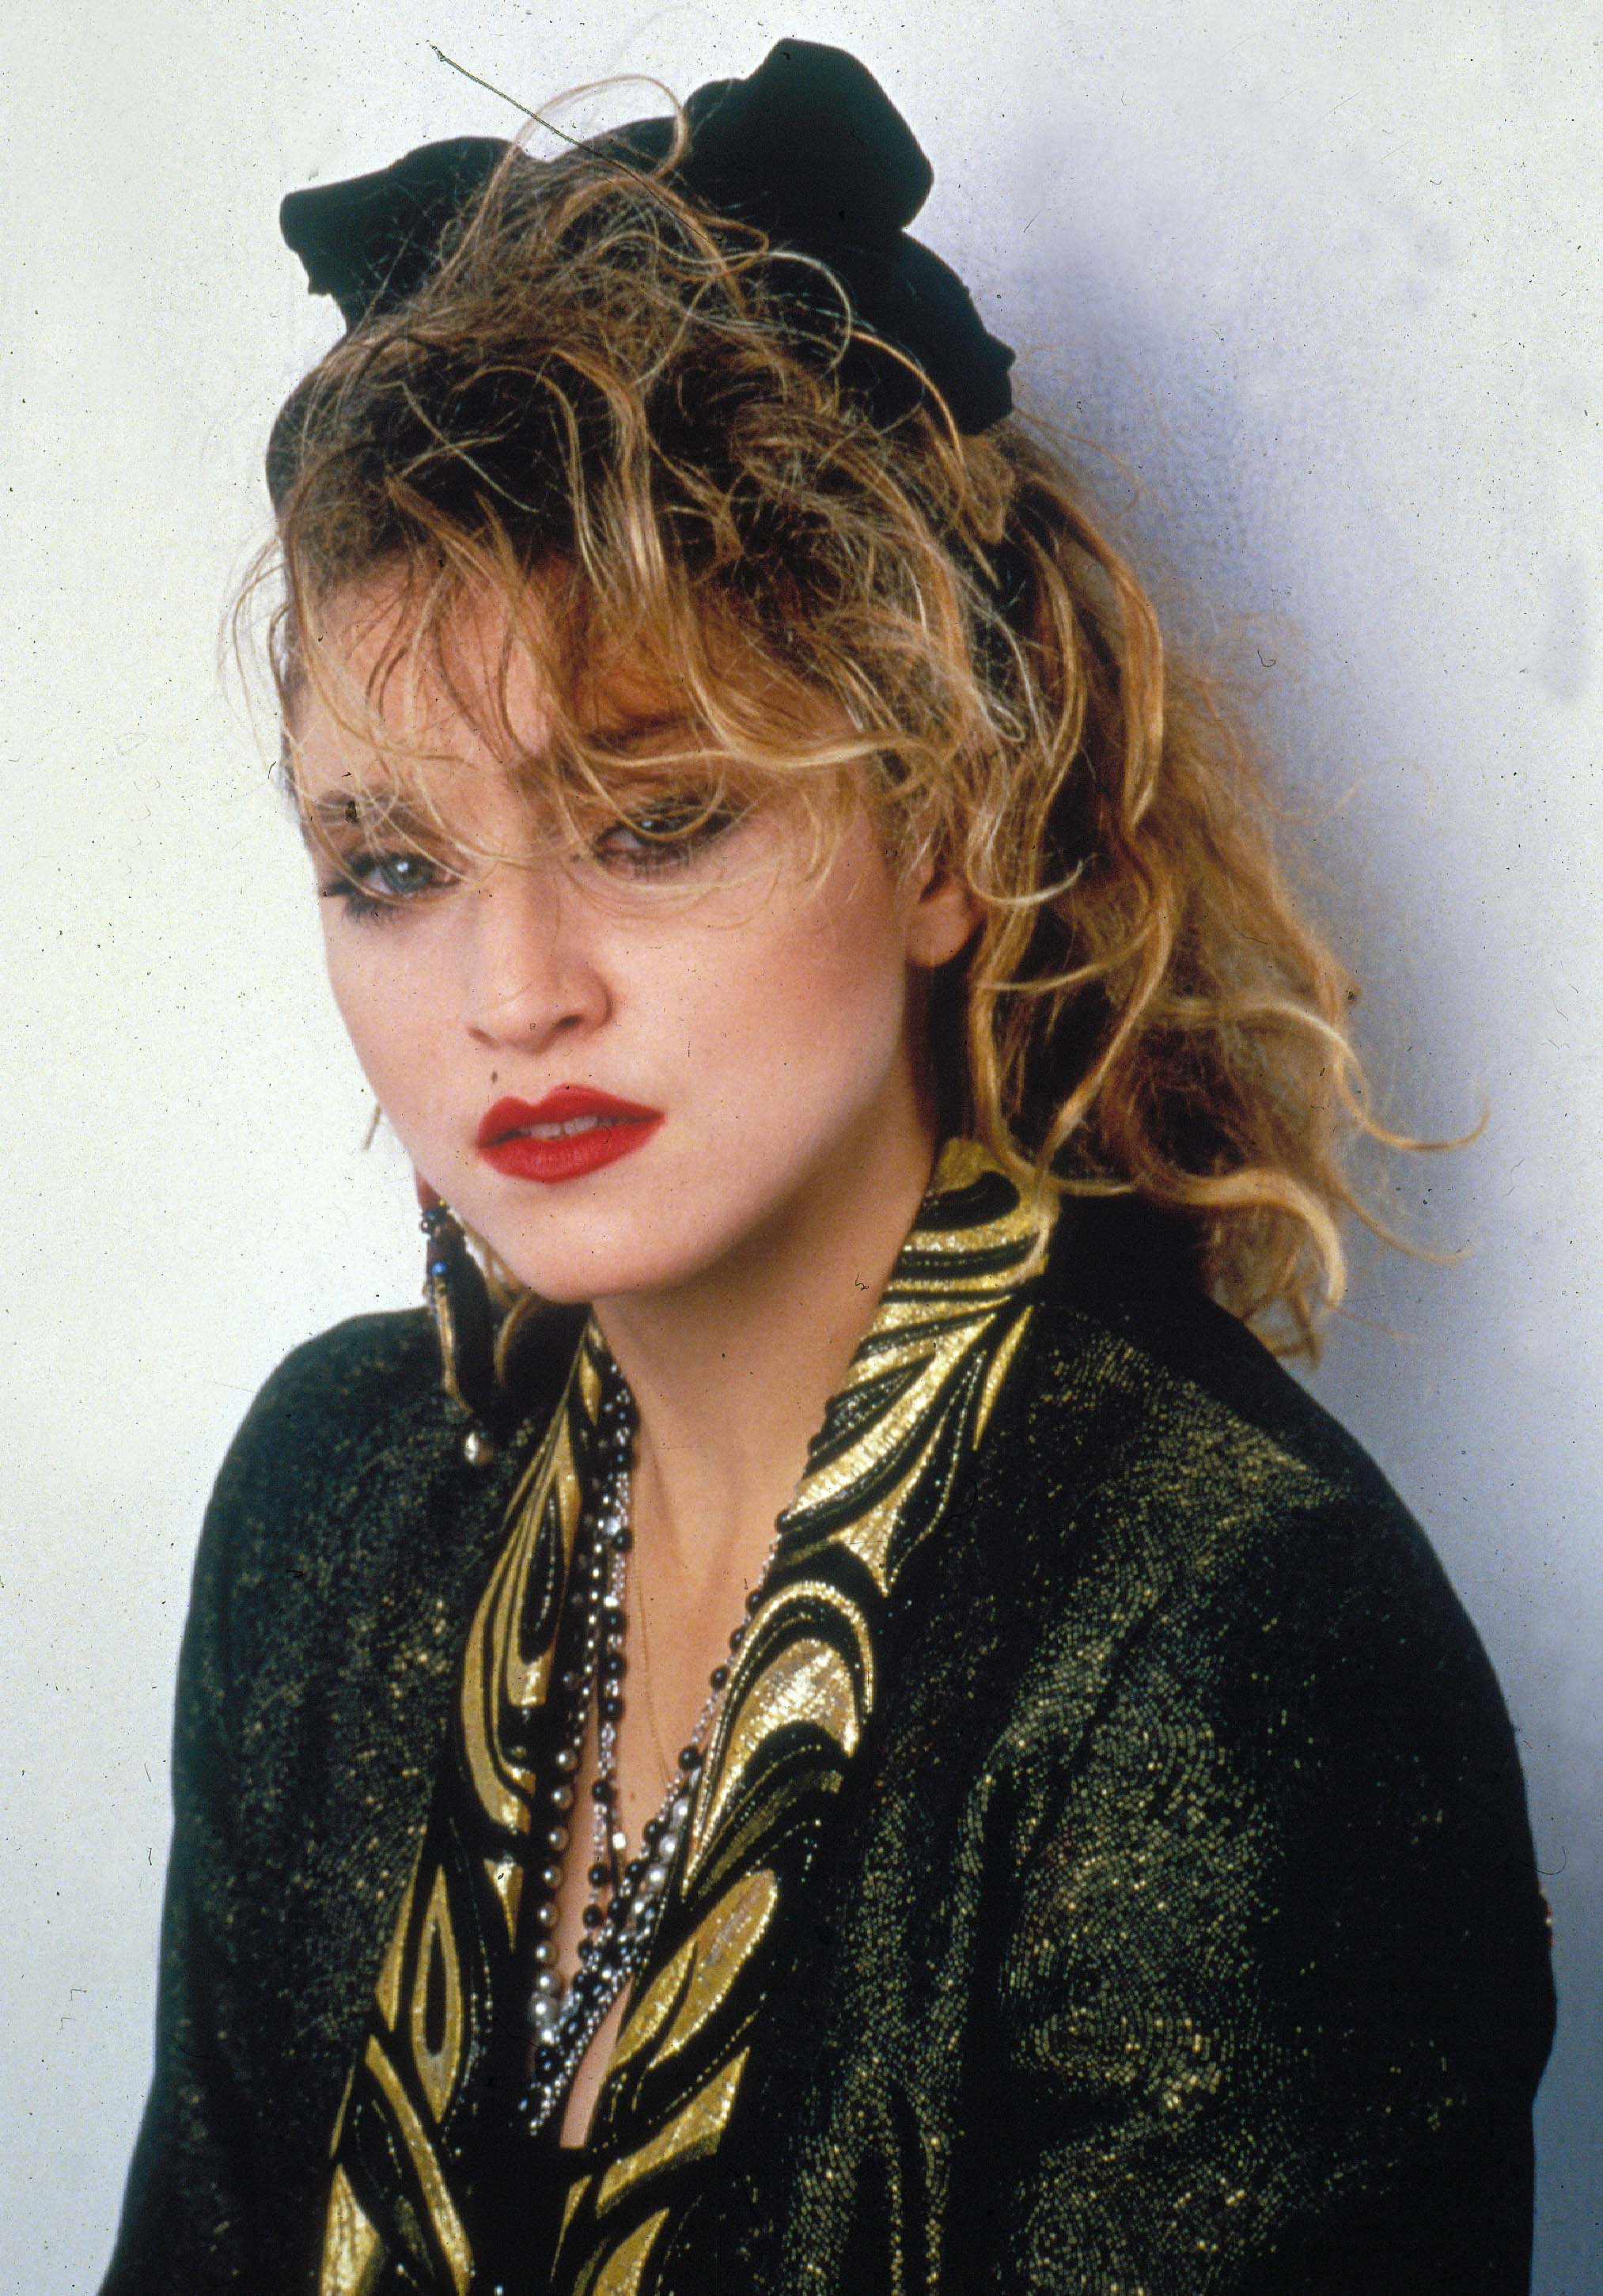 Coiffures des années 80 : Madonna avec une coiffure bouclée style années 80 avec un bandeau noir, portant une veste en cuir et un maquillage audacieux.